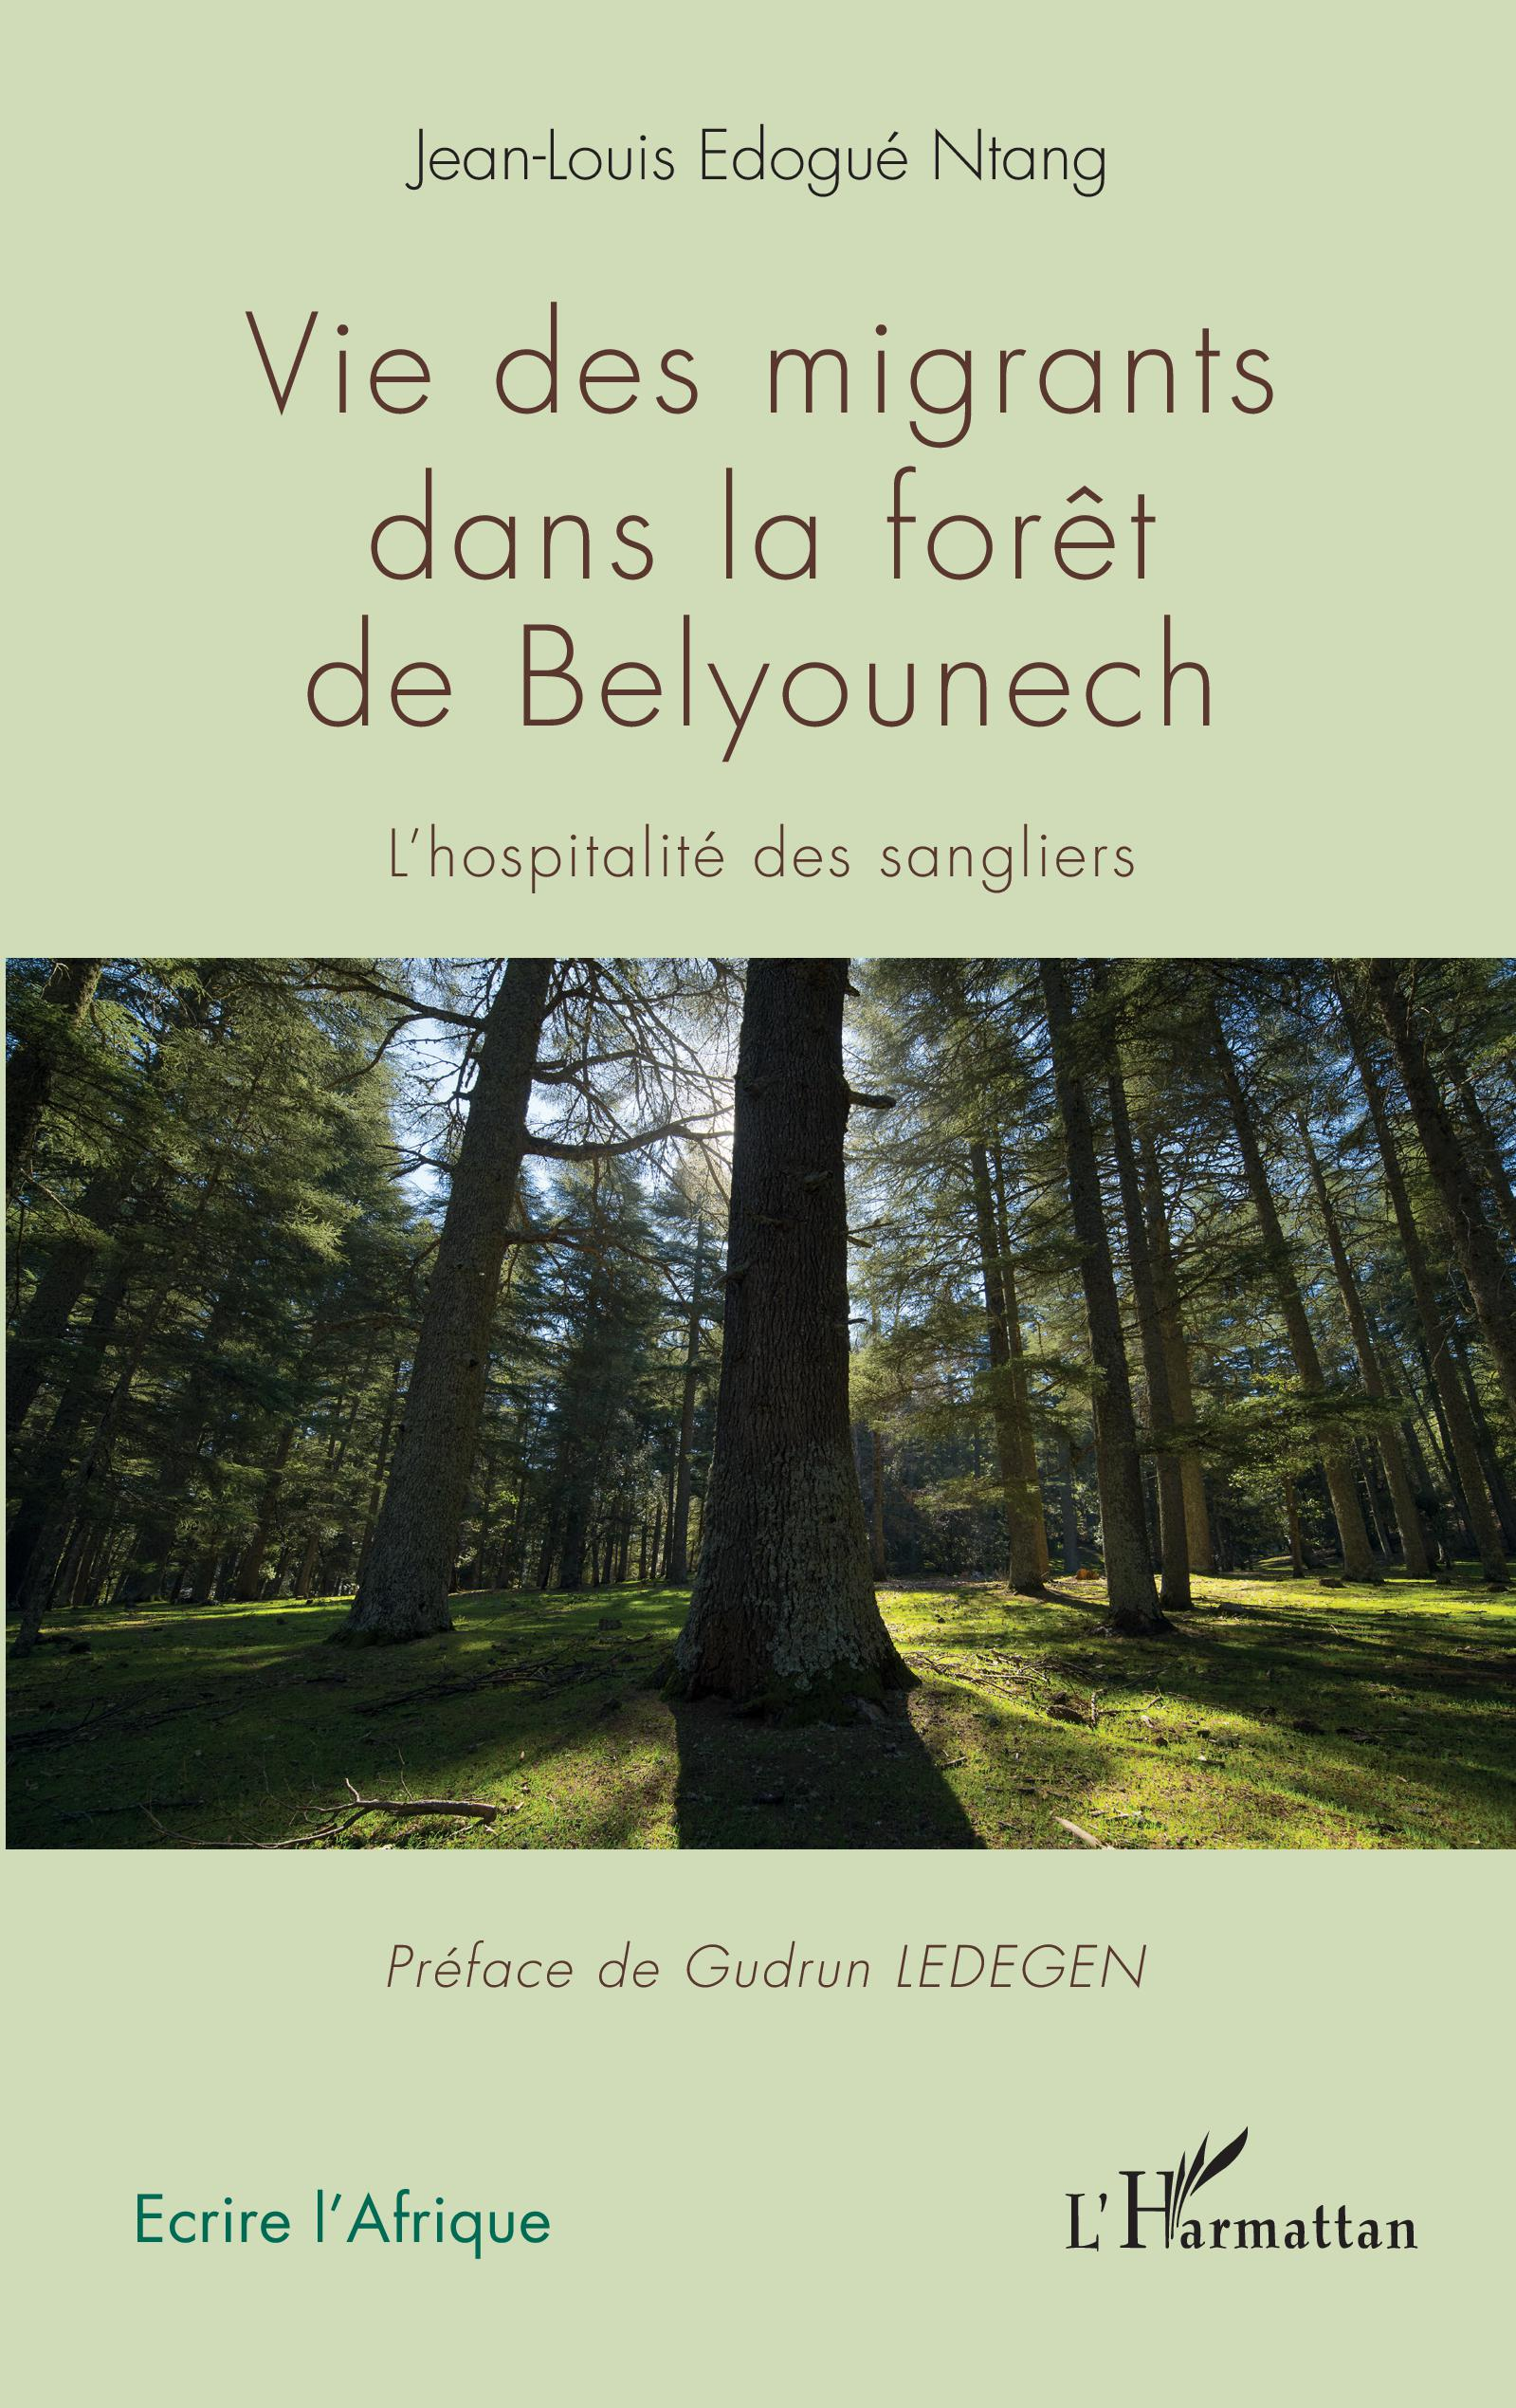 Dédicace Jean-Louis Edogué Ntang